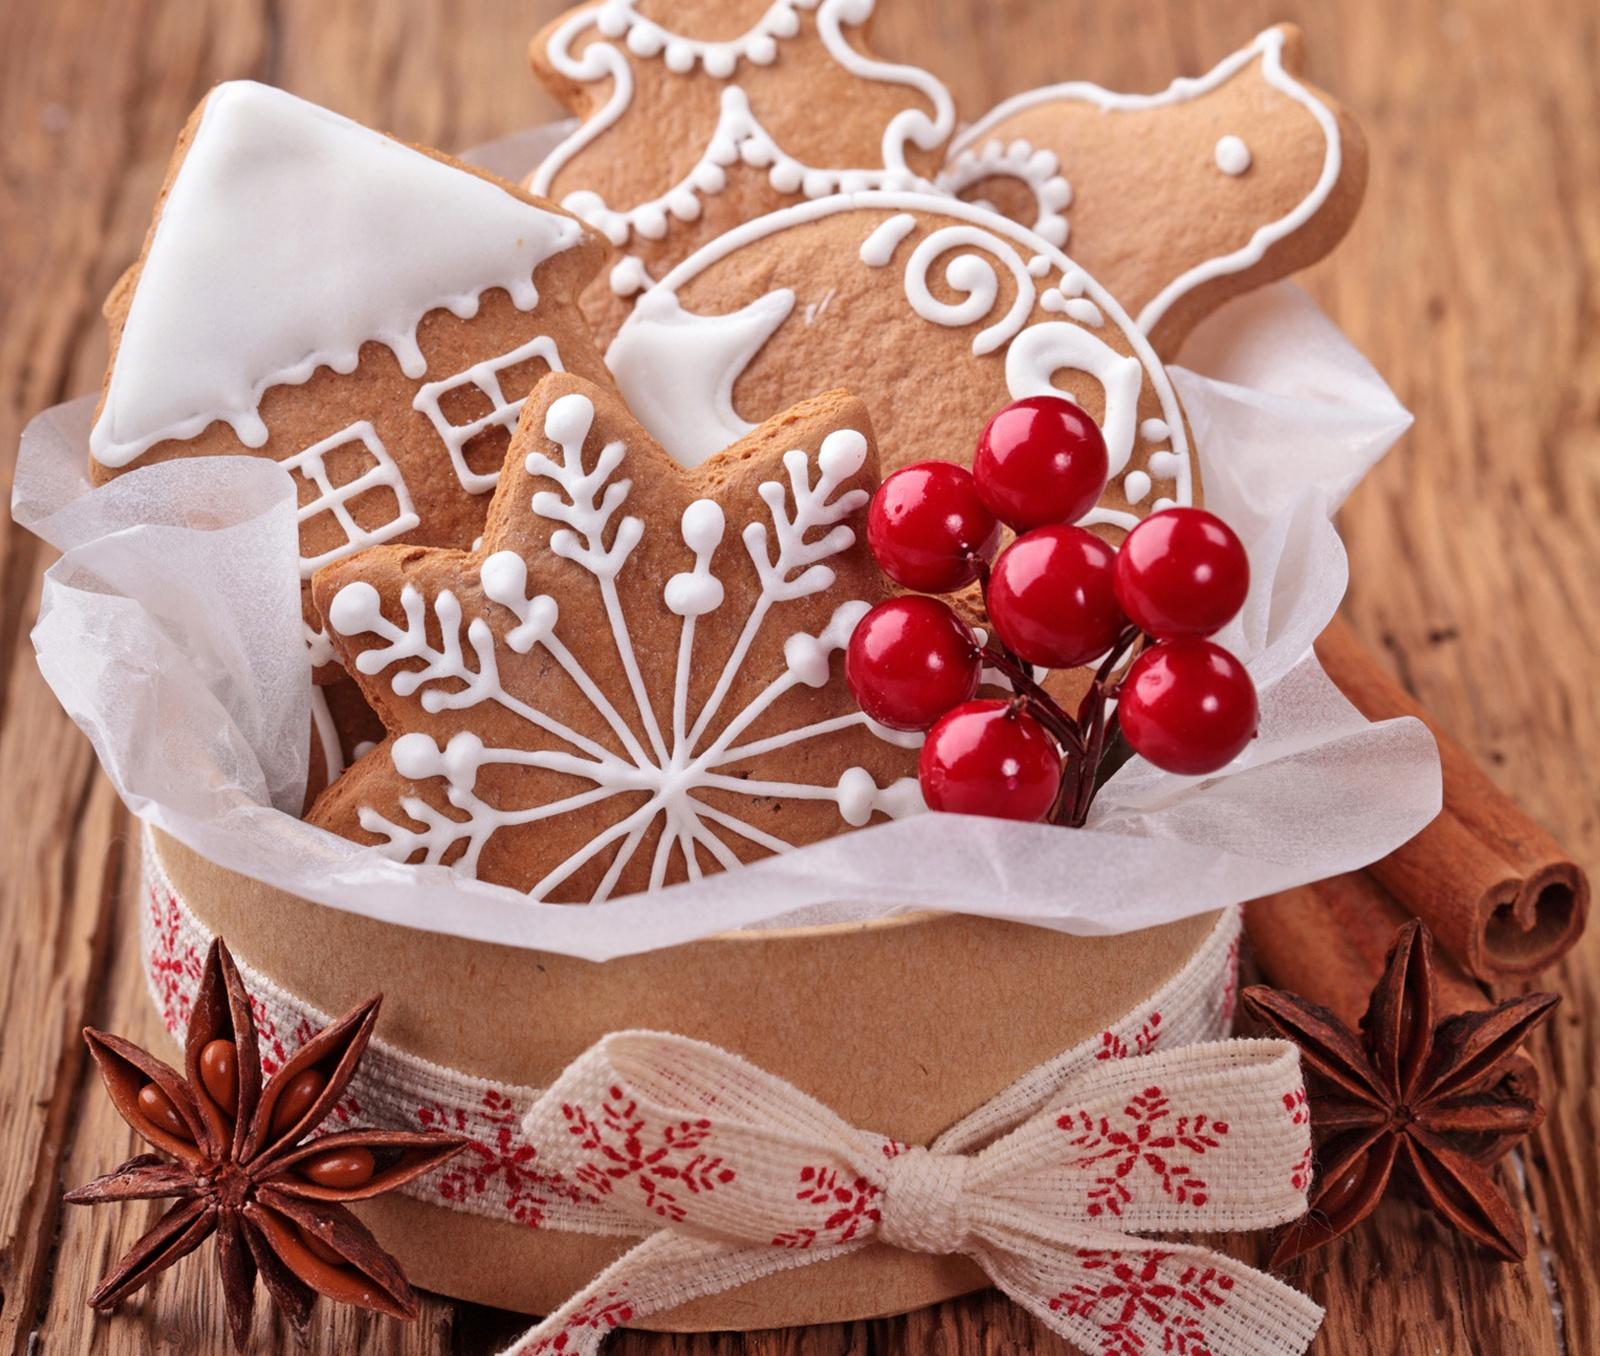 Christmas koekjes, cookies